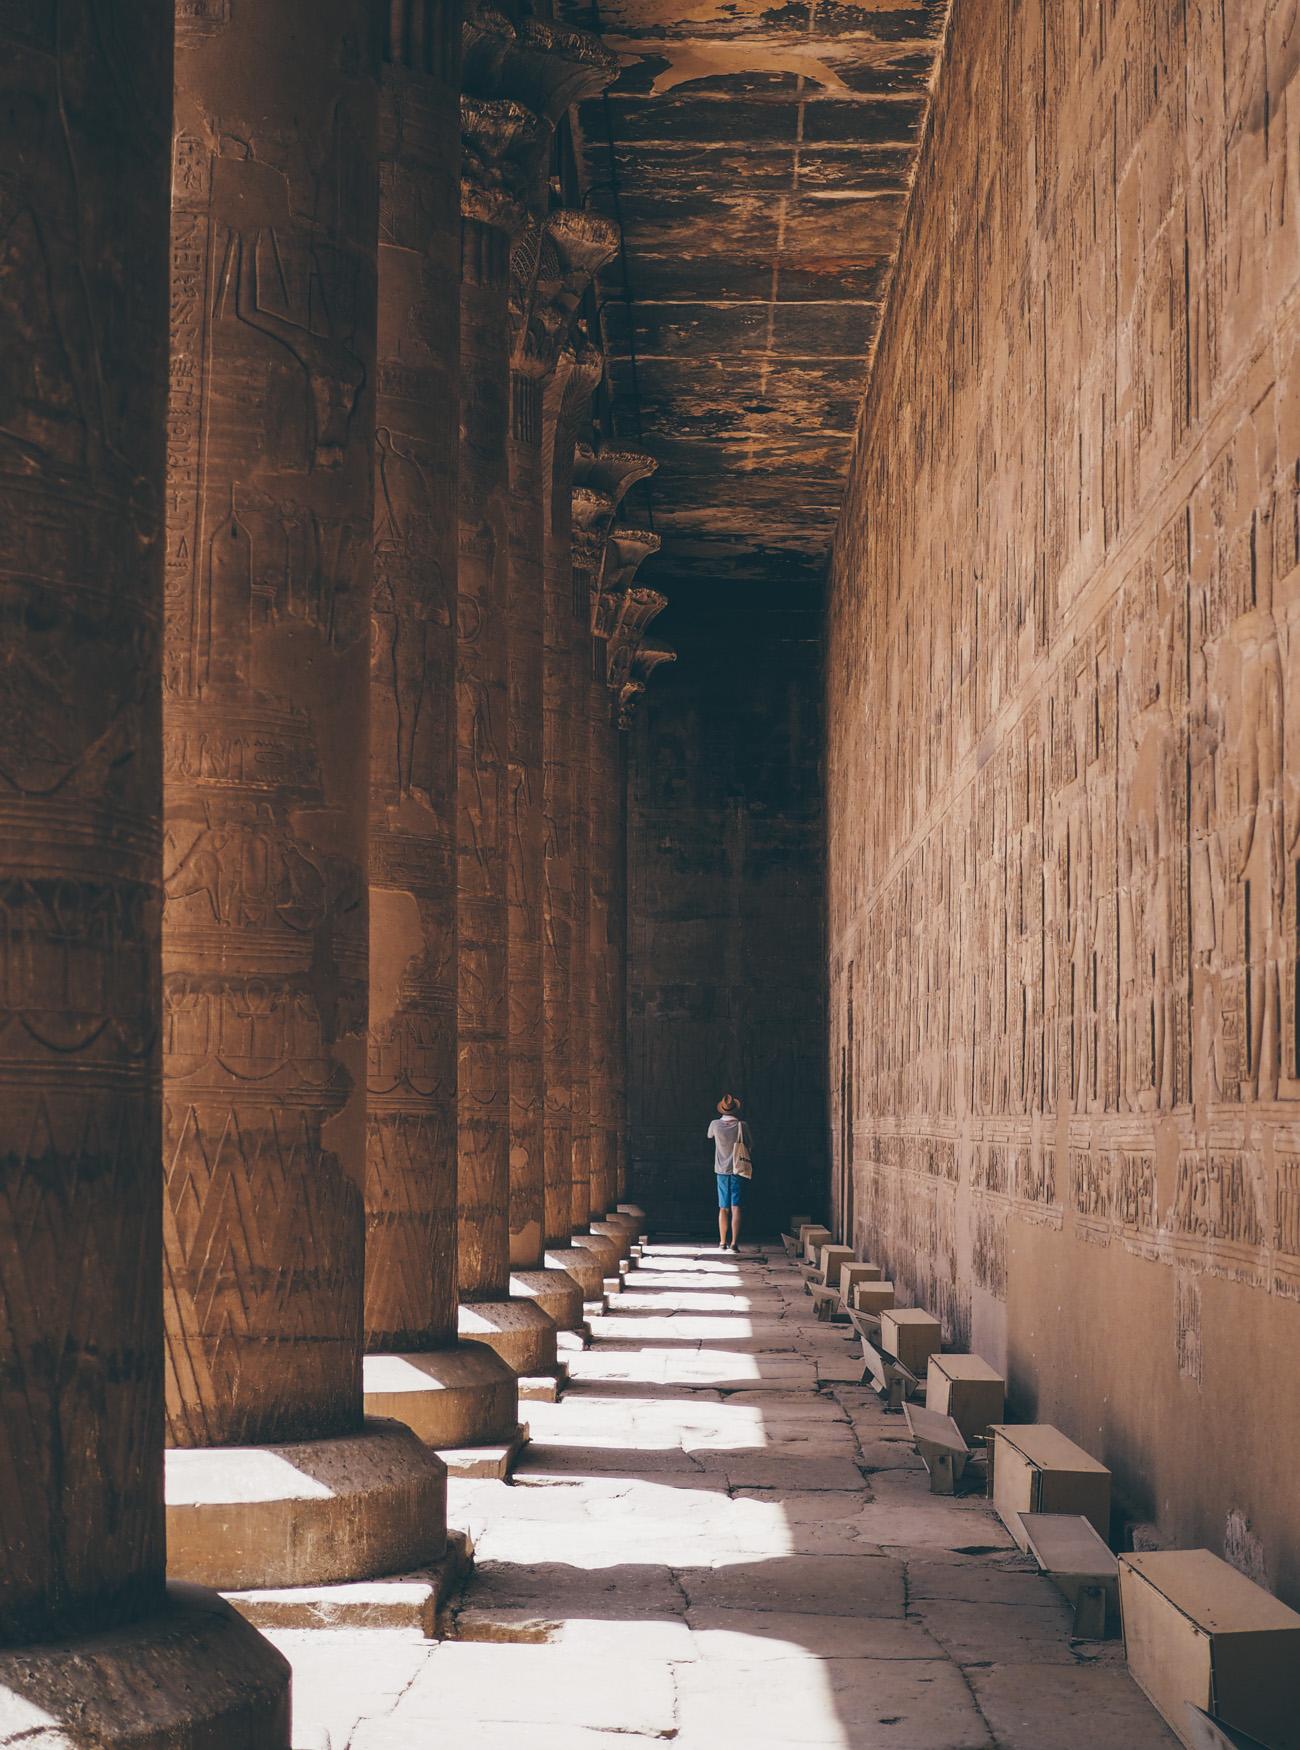 L'Égypte avec Voyageurs du Monde / Tippy.fr - Le Temple du Dieu Horus, Edfou